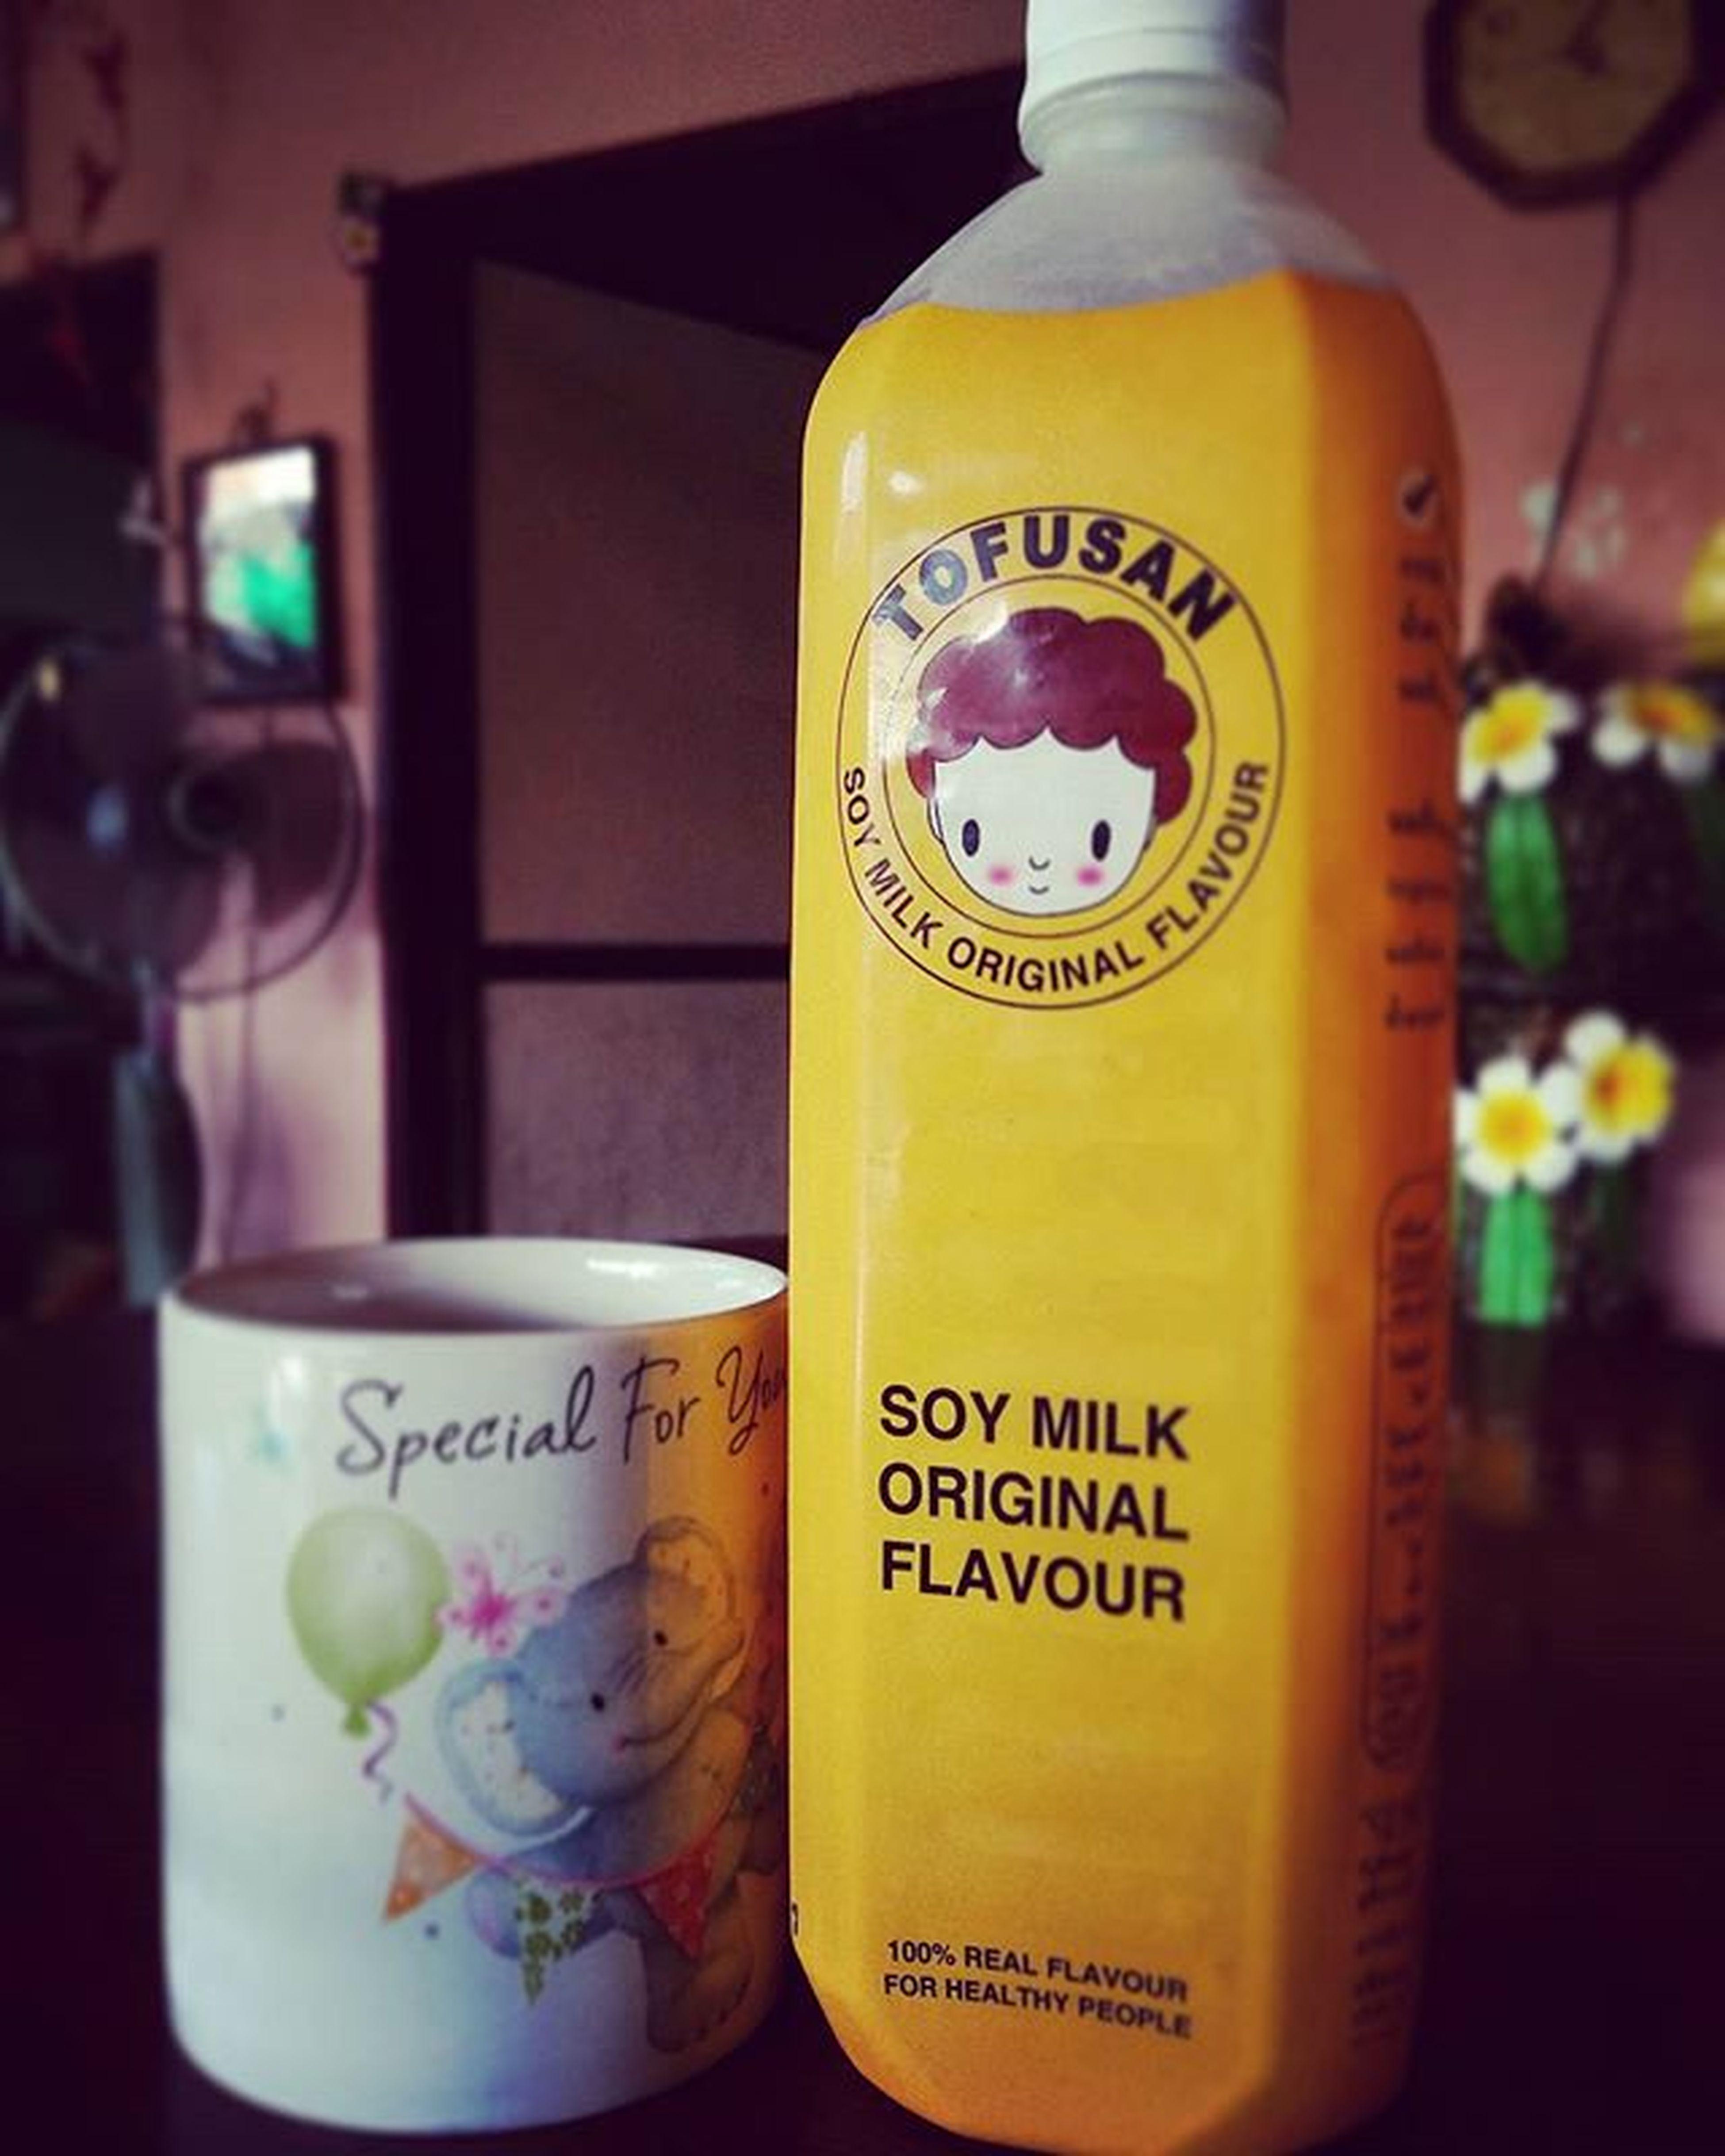 TOFUSAN soy milk original flavourหวานน้อย ไม่ผสมน้ำมันพืช ไม่ใส่วัตถุกันเสีย ไม่ผสมนมผง เชื่อเค้า !!....รออะไรอยู่หล่ะ! แดรกซิคุ๊ณ!!!!!!